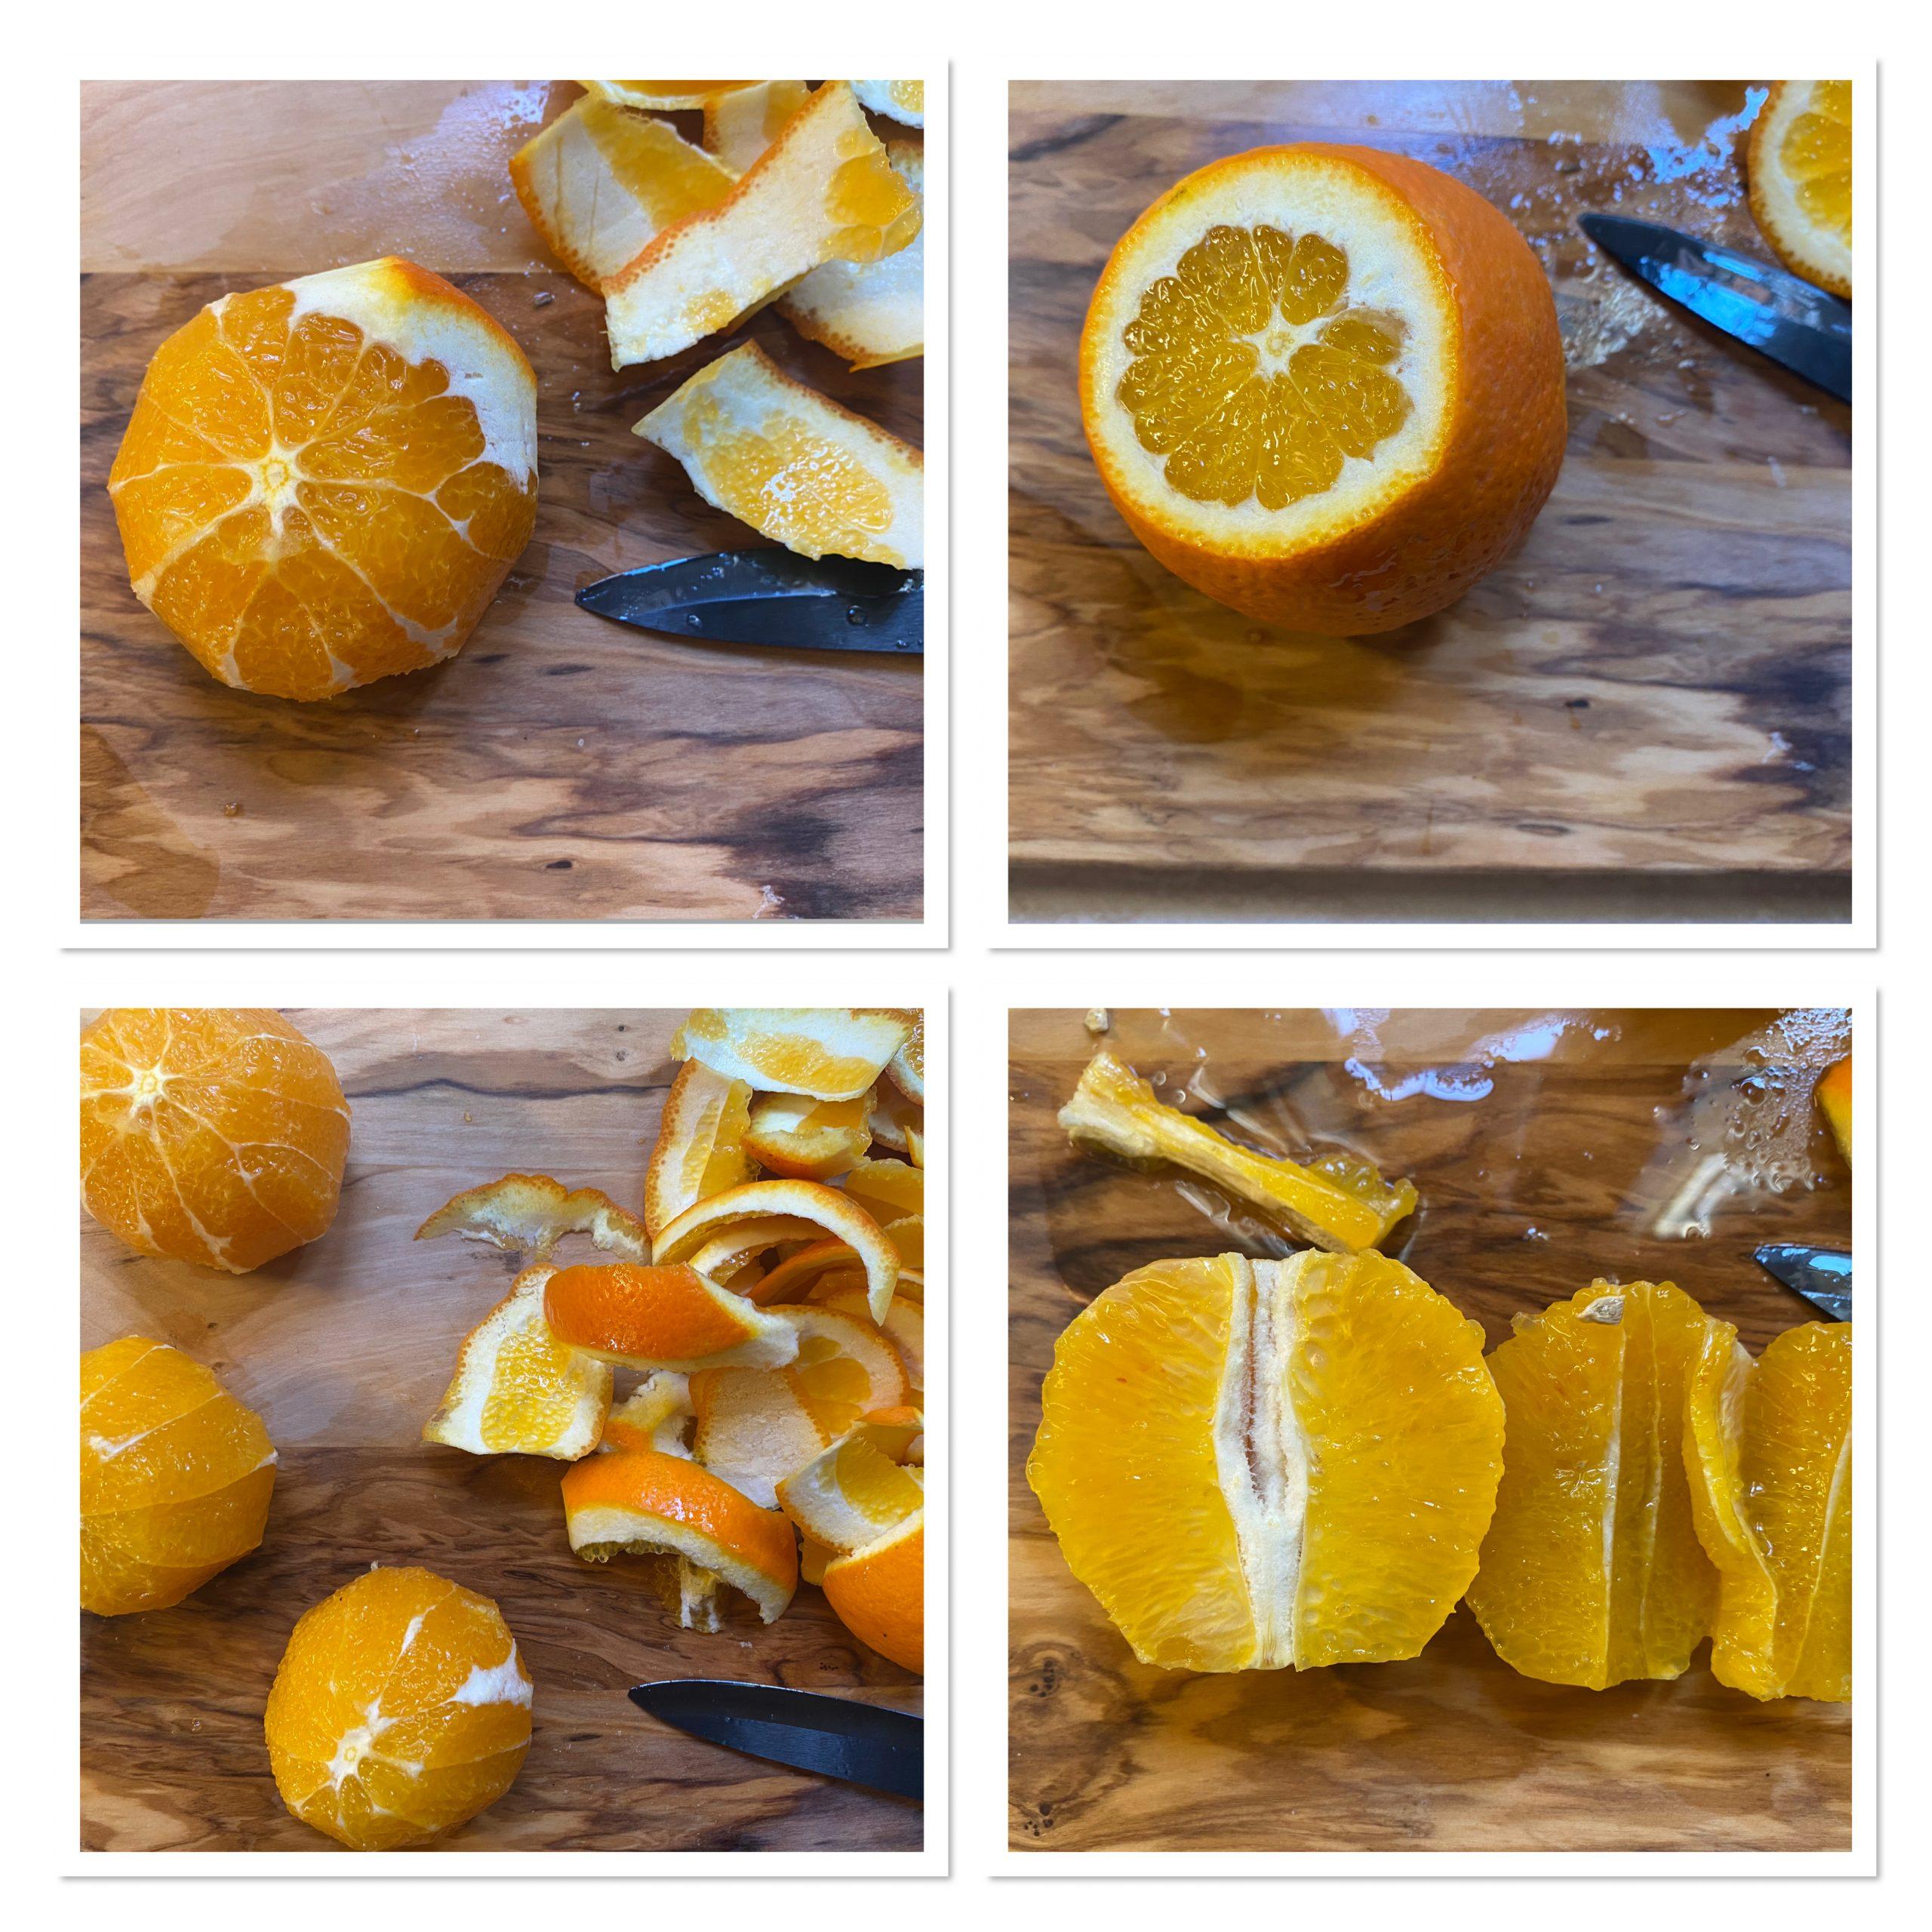 Insalata di finocchi arance e mele con uvetta e mandorle in scaglie